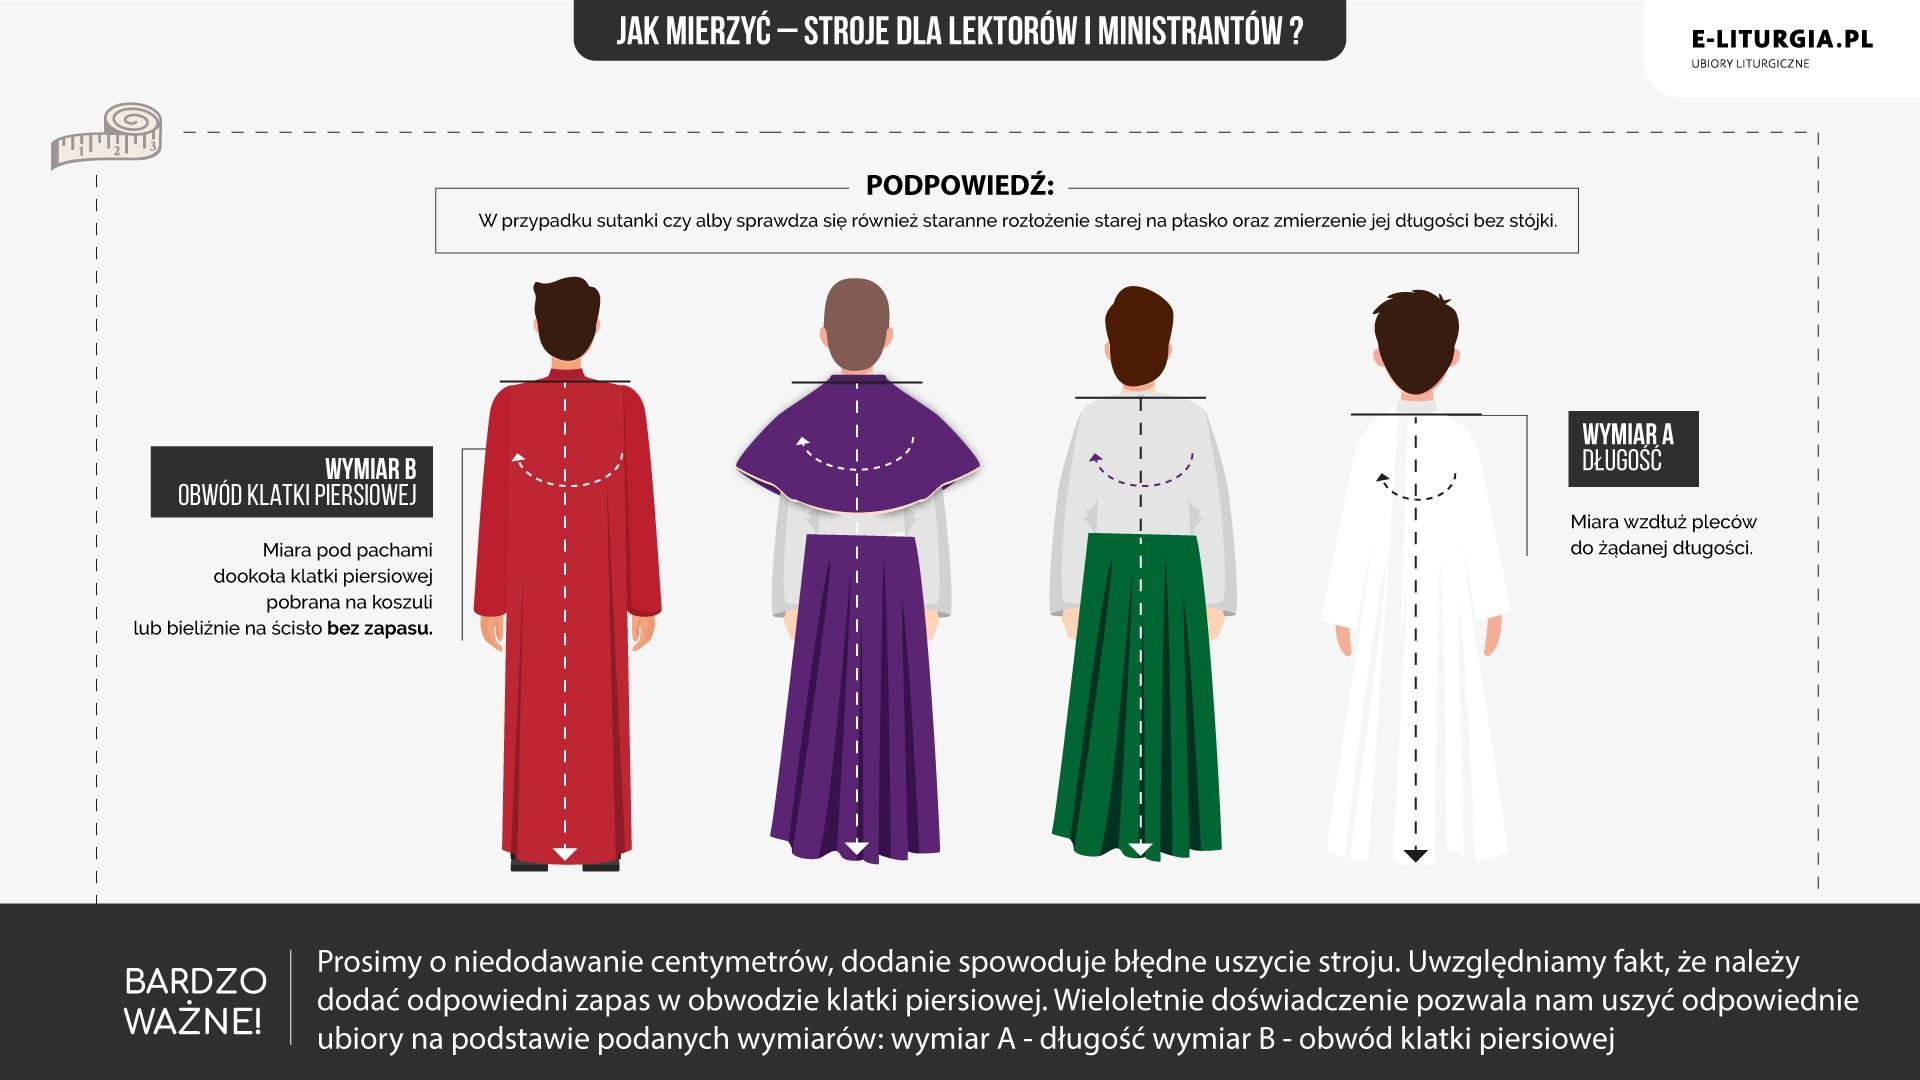 Lektorzy i ministranci (alby, alby kolorowe)